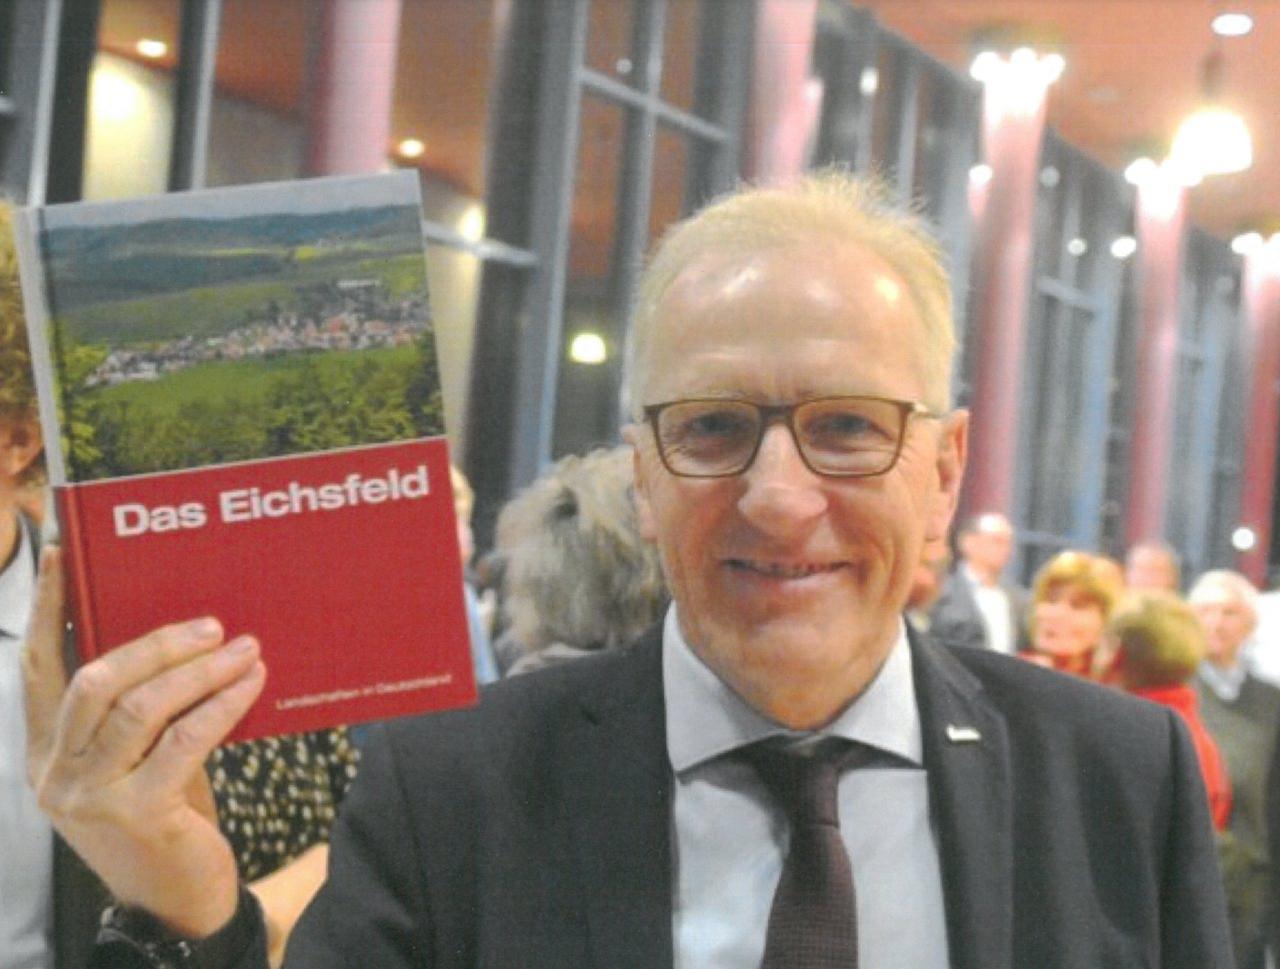 """Buch """"Das Eichsfeld"""" mit Gerold Wucherpfennig"""